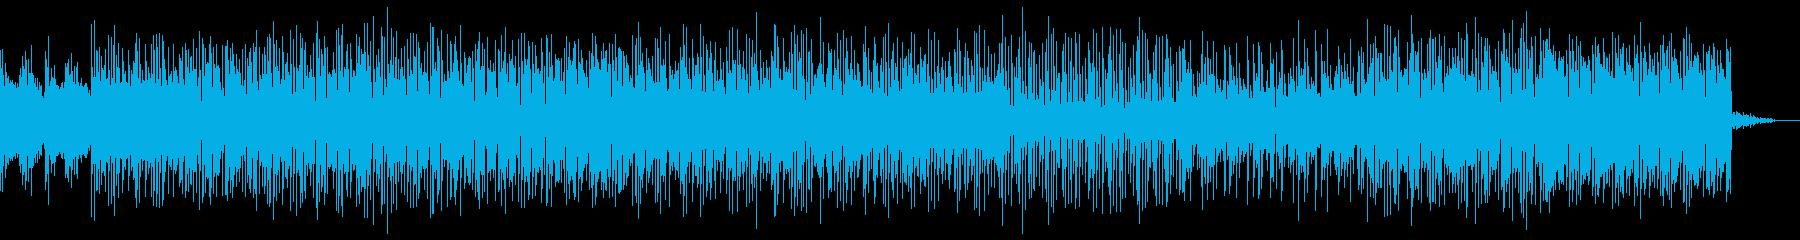 ほのぼのした優しくて軽快なBGMの再生済みの波形